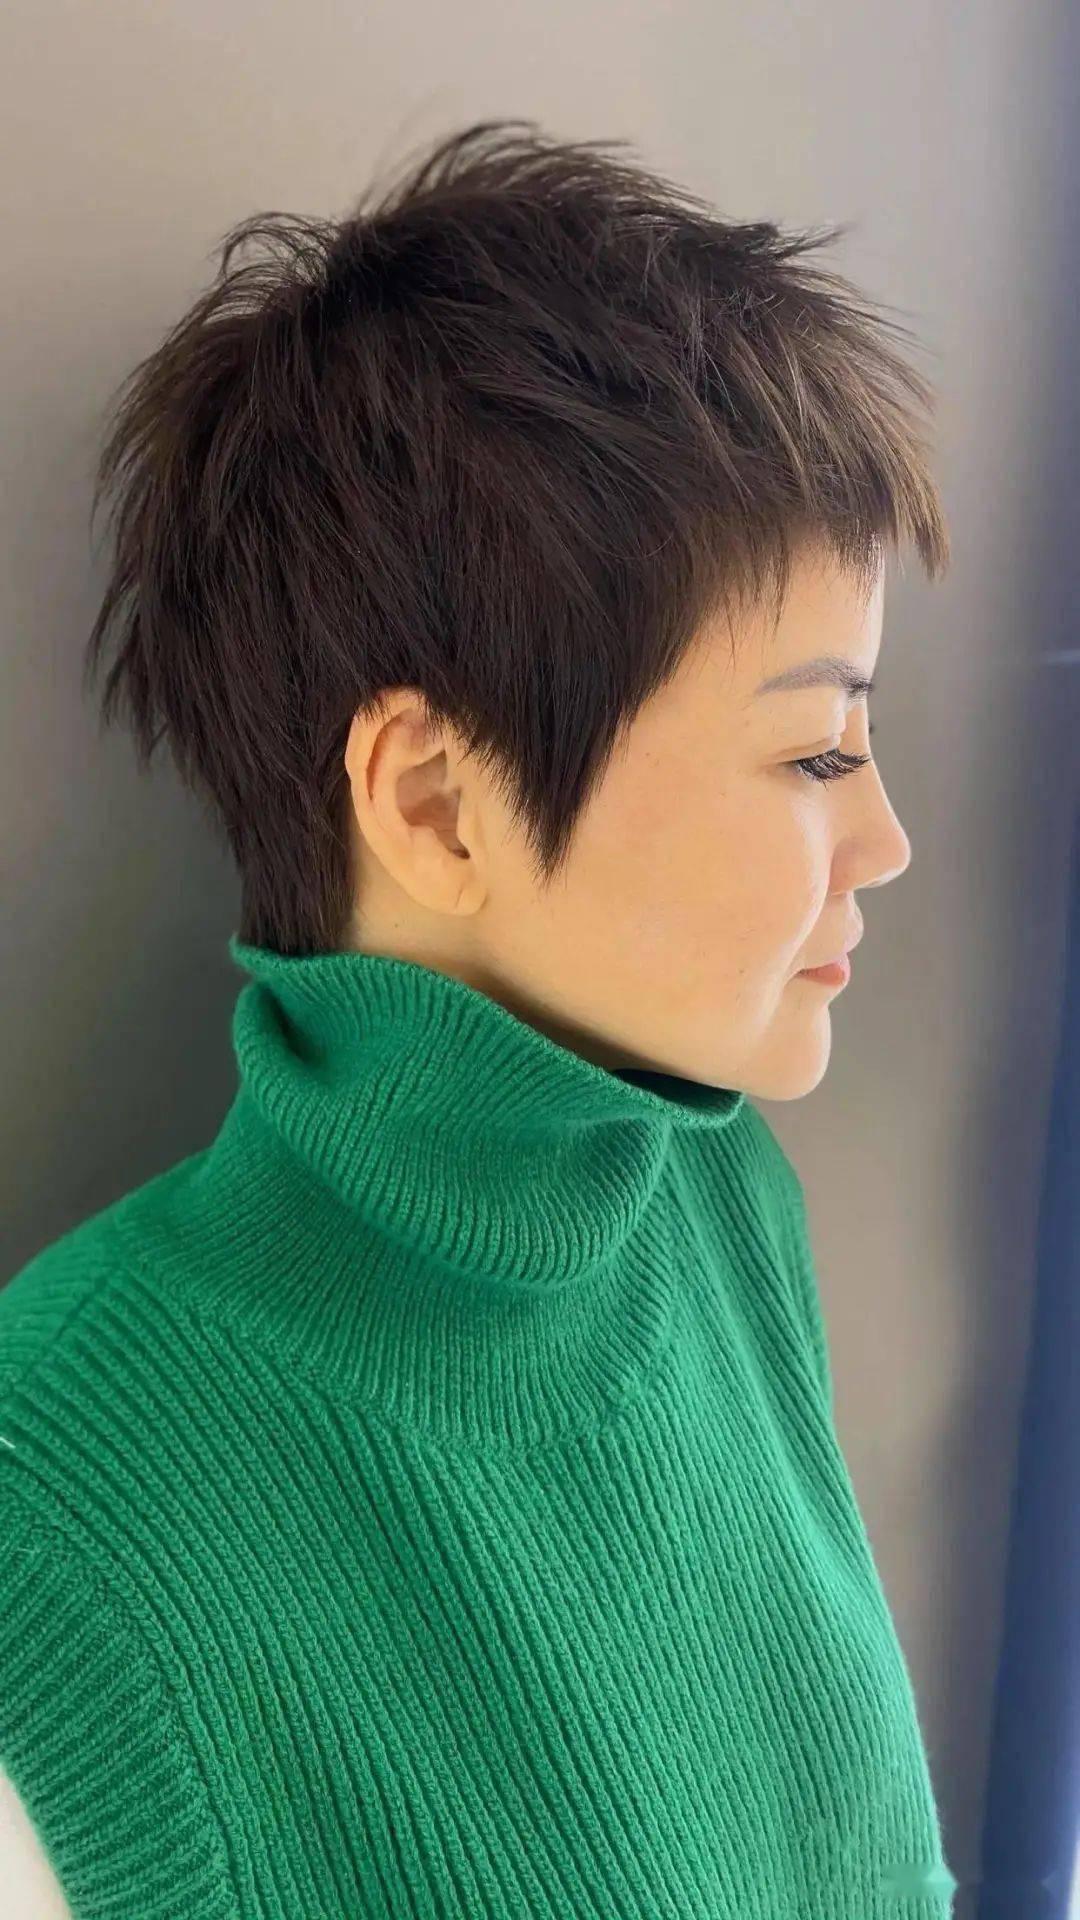 3月新发型推荐这13款,每一款都很美很时尚,心